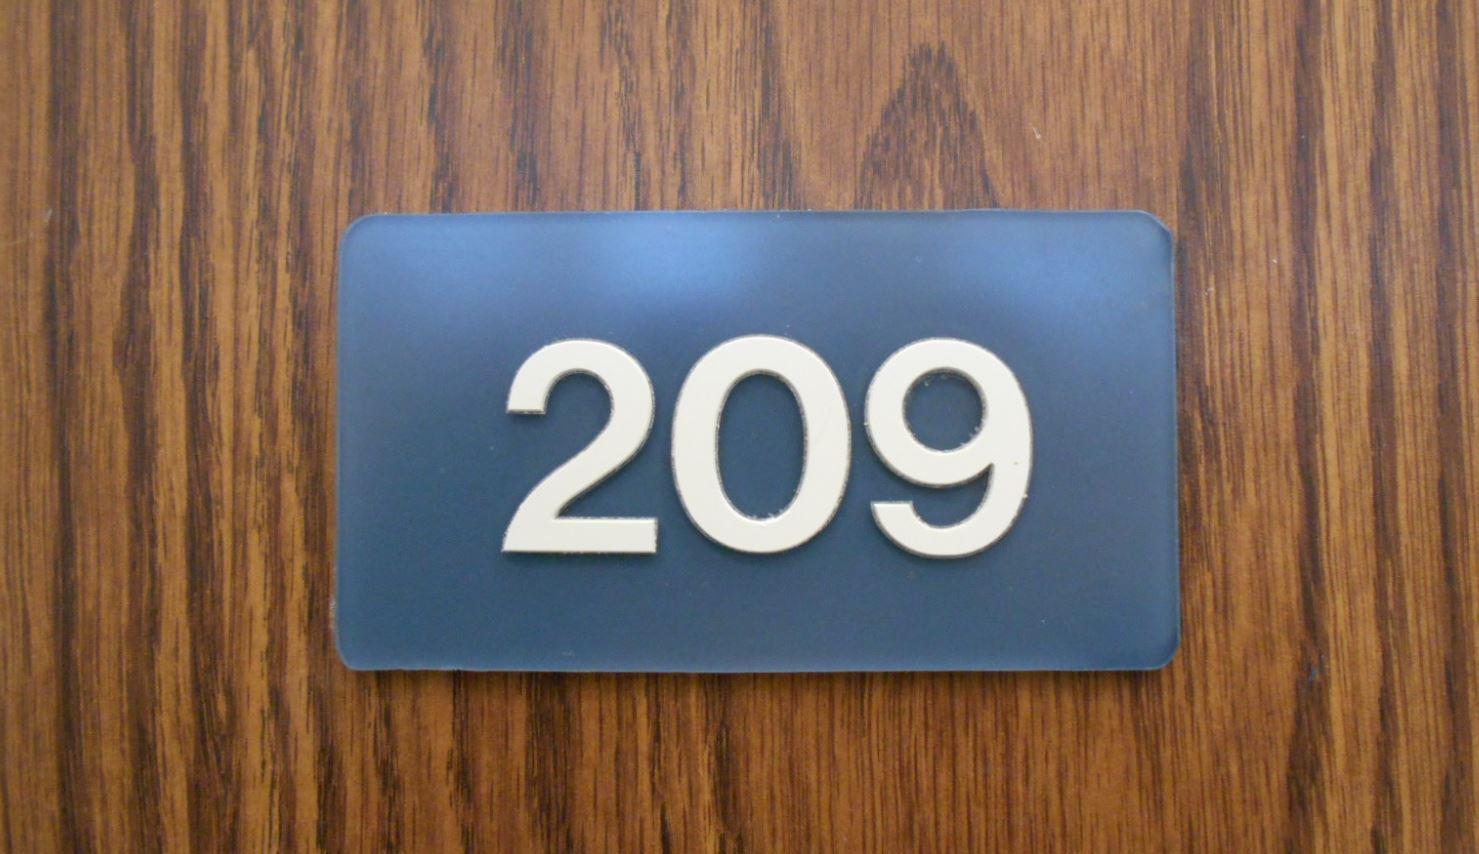 Significado do número 209